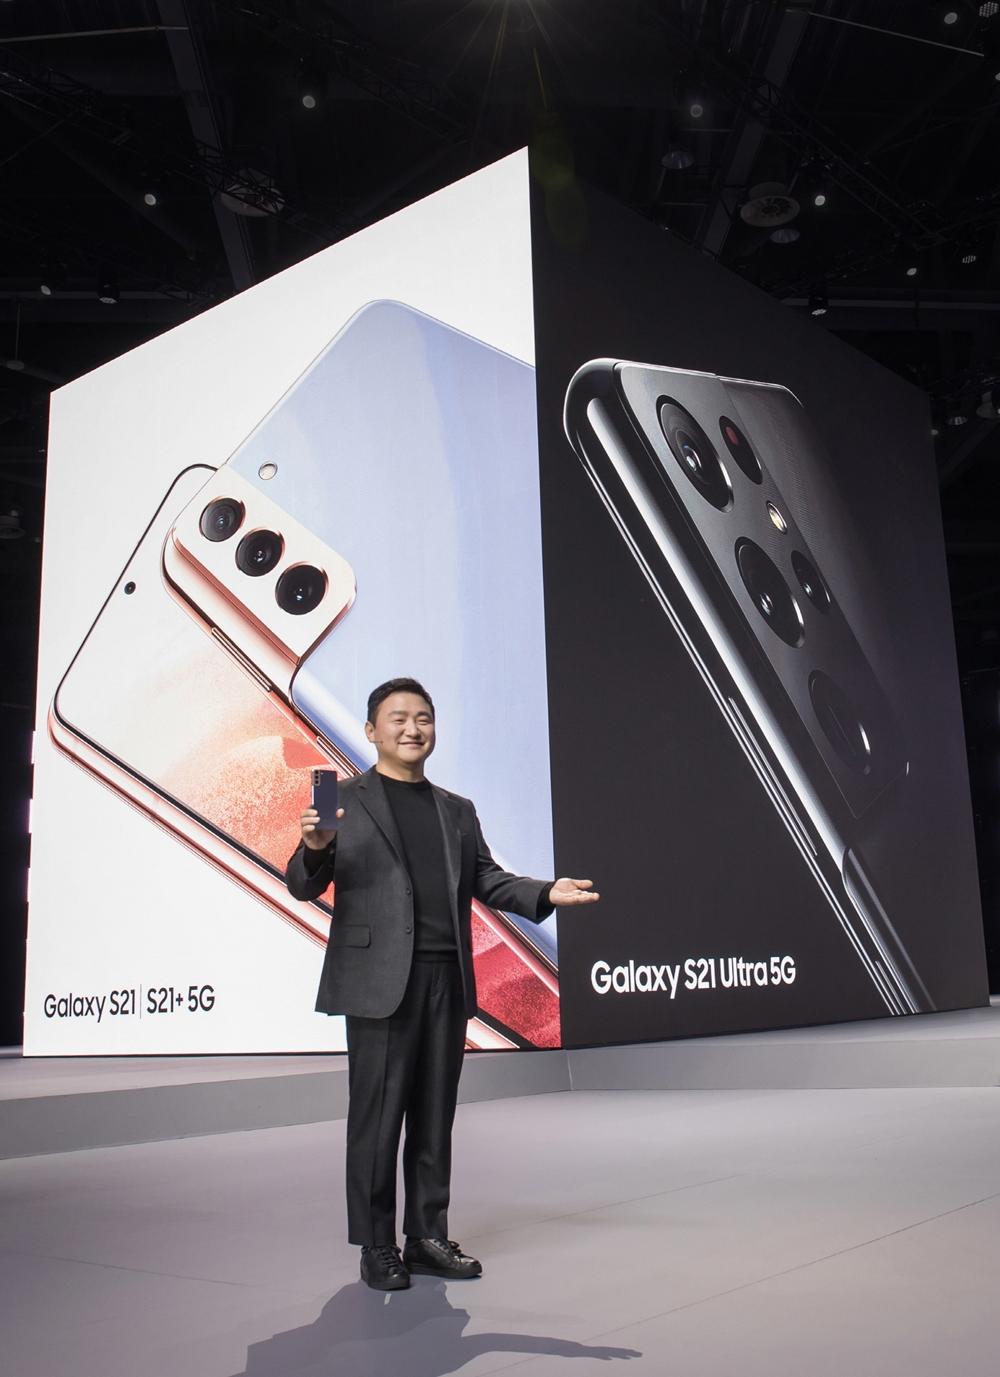 '삼성 갤럭시 언팩 2021'에서 삼성전자 무선사업부장 노태문 사장이 '갤럭시 S21' 시리즈를 소개하는 모습